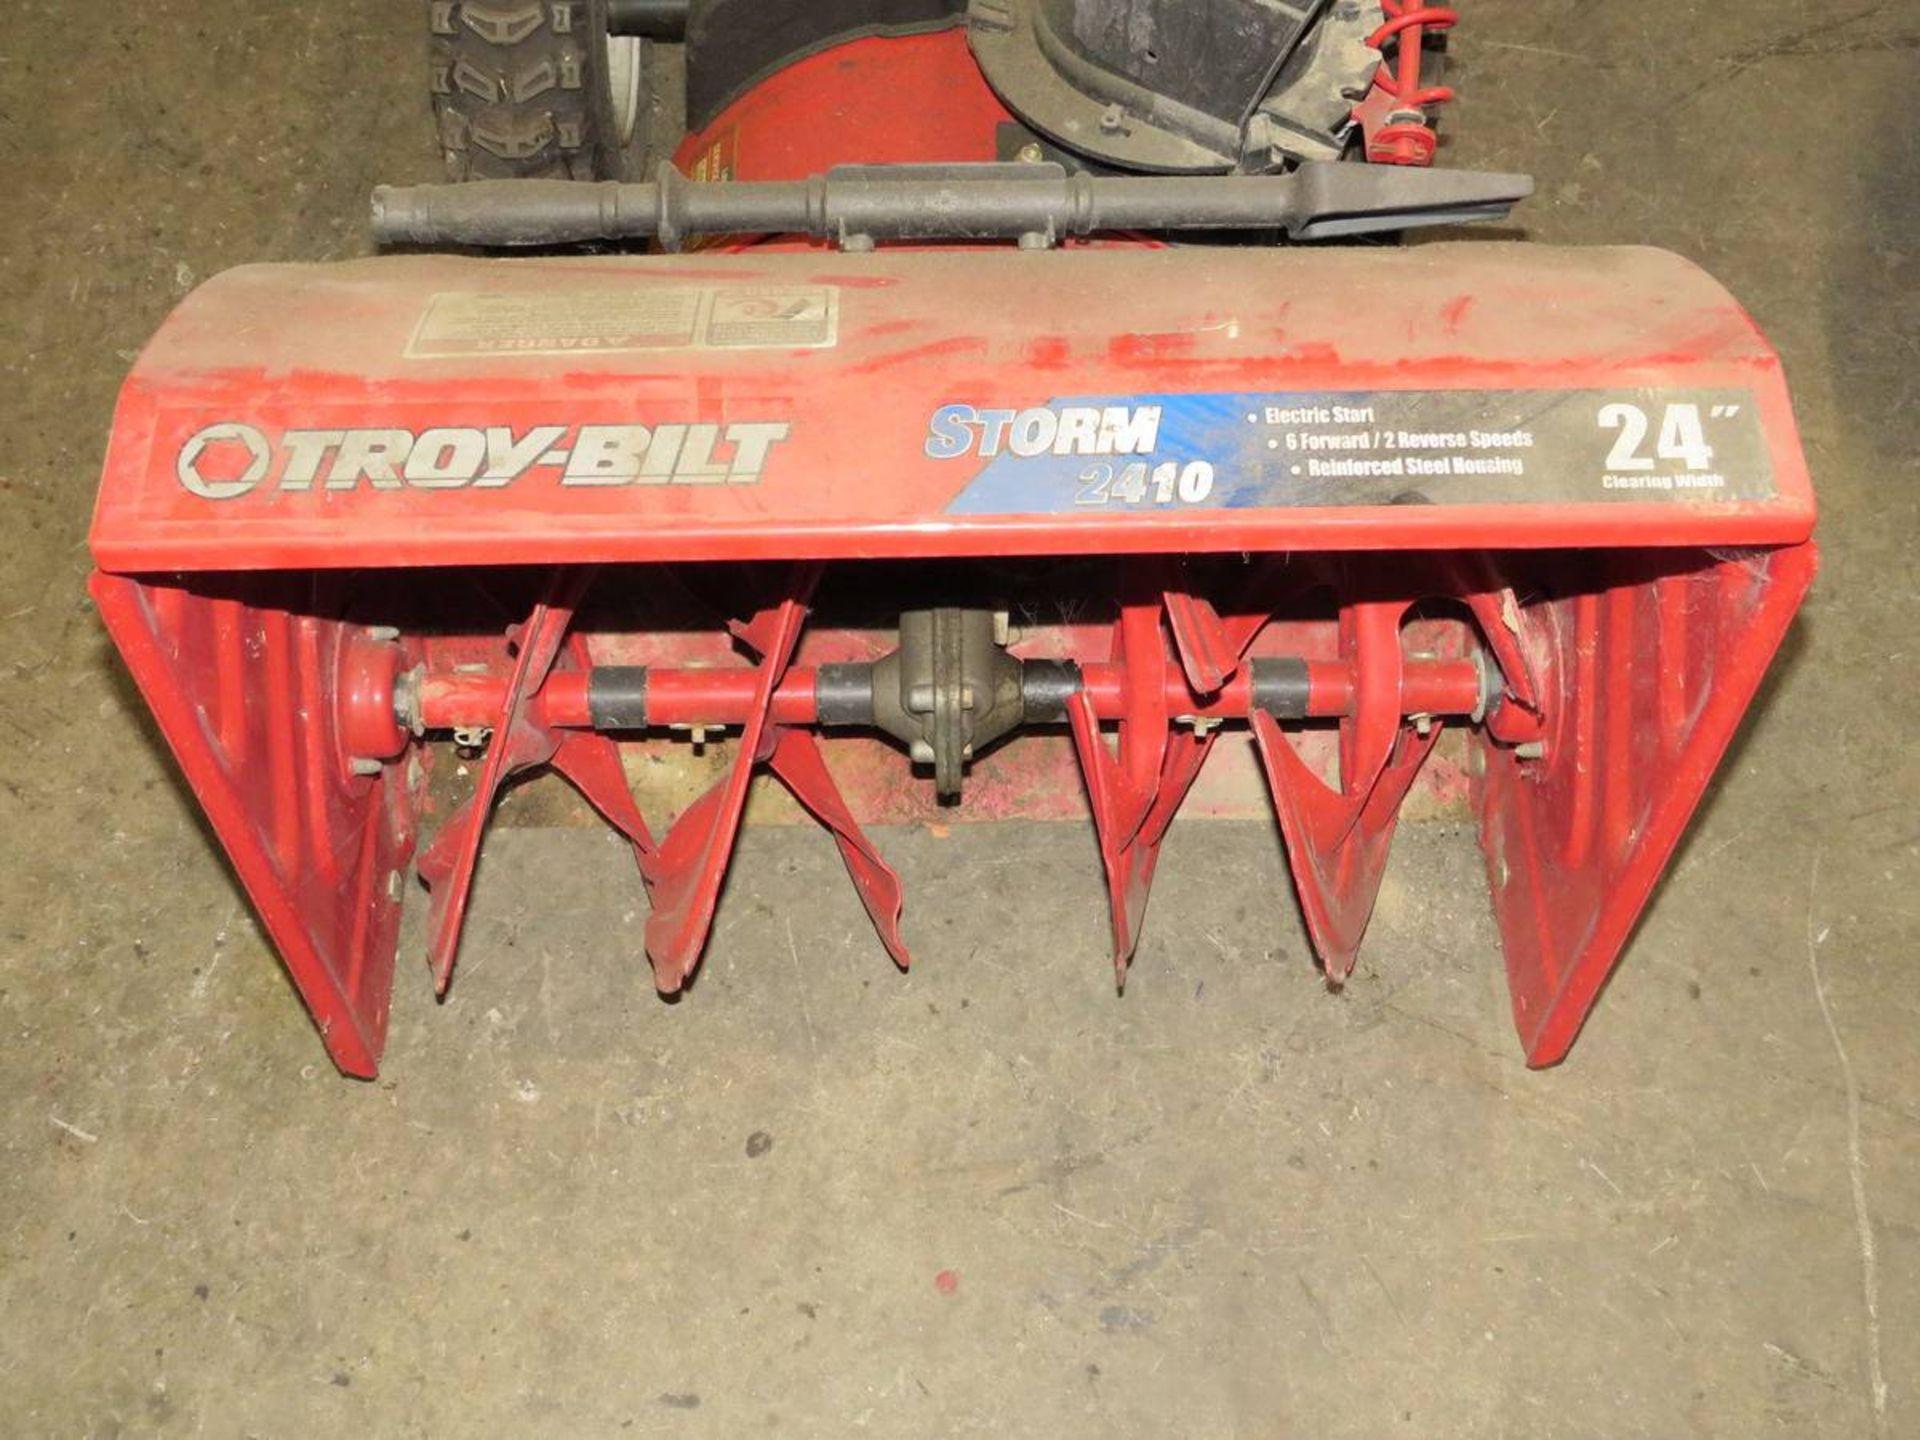 """Lot 552 - Troy-Built Storm 2410 24"""" Snowblower"""